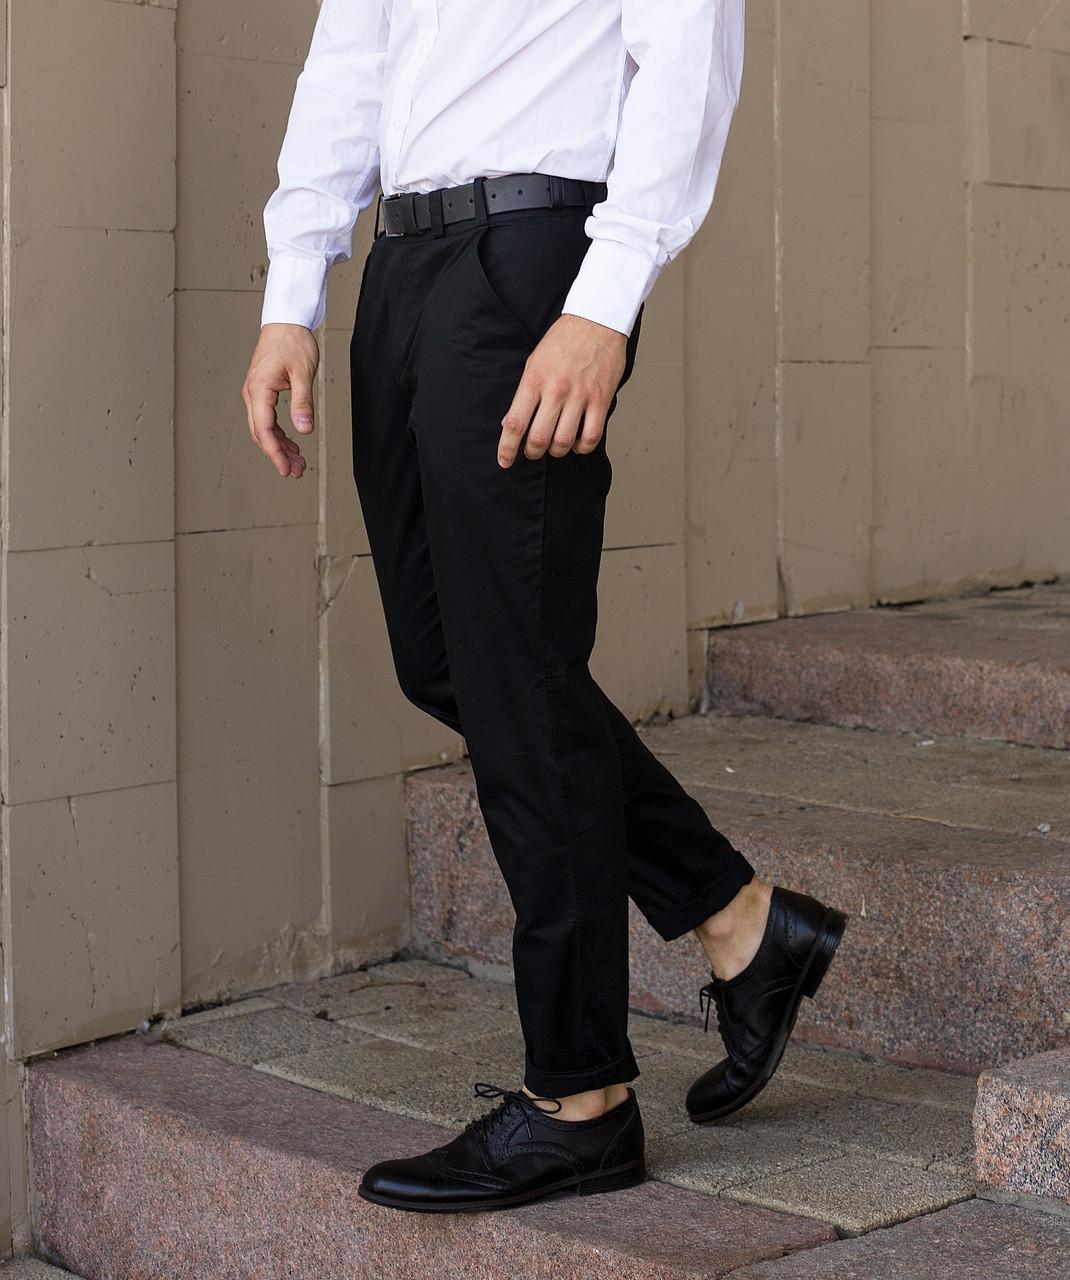 Брюки чиносы черные мужские бренд ТУР модель Стрендж (Strange)